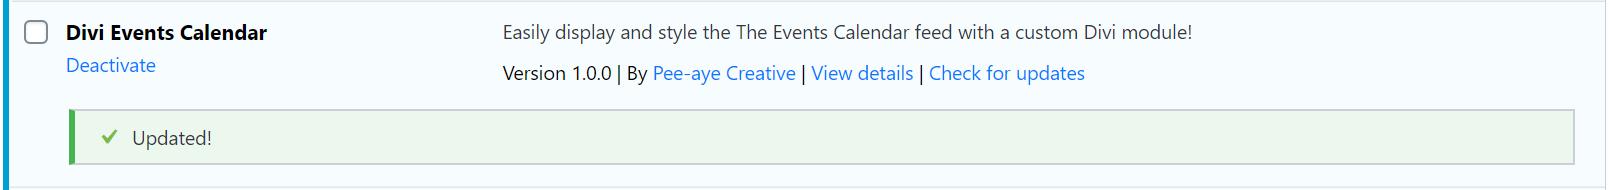 Successfully updated the Divi Events Calendar Module plugin